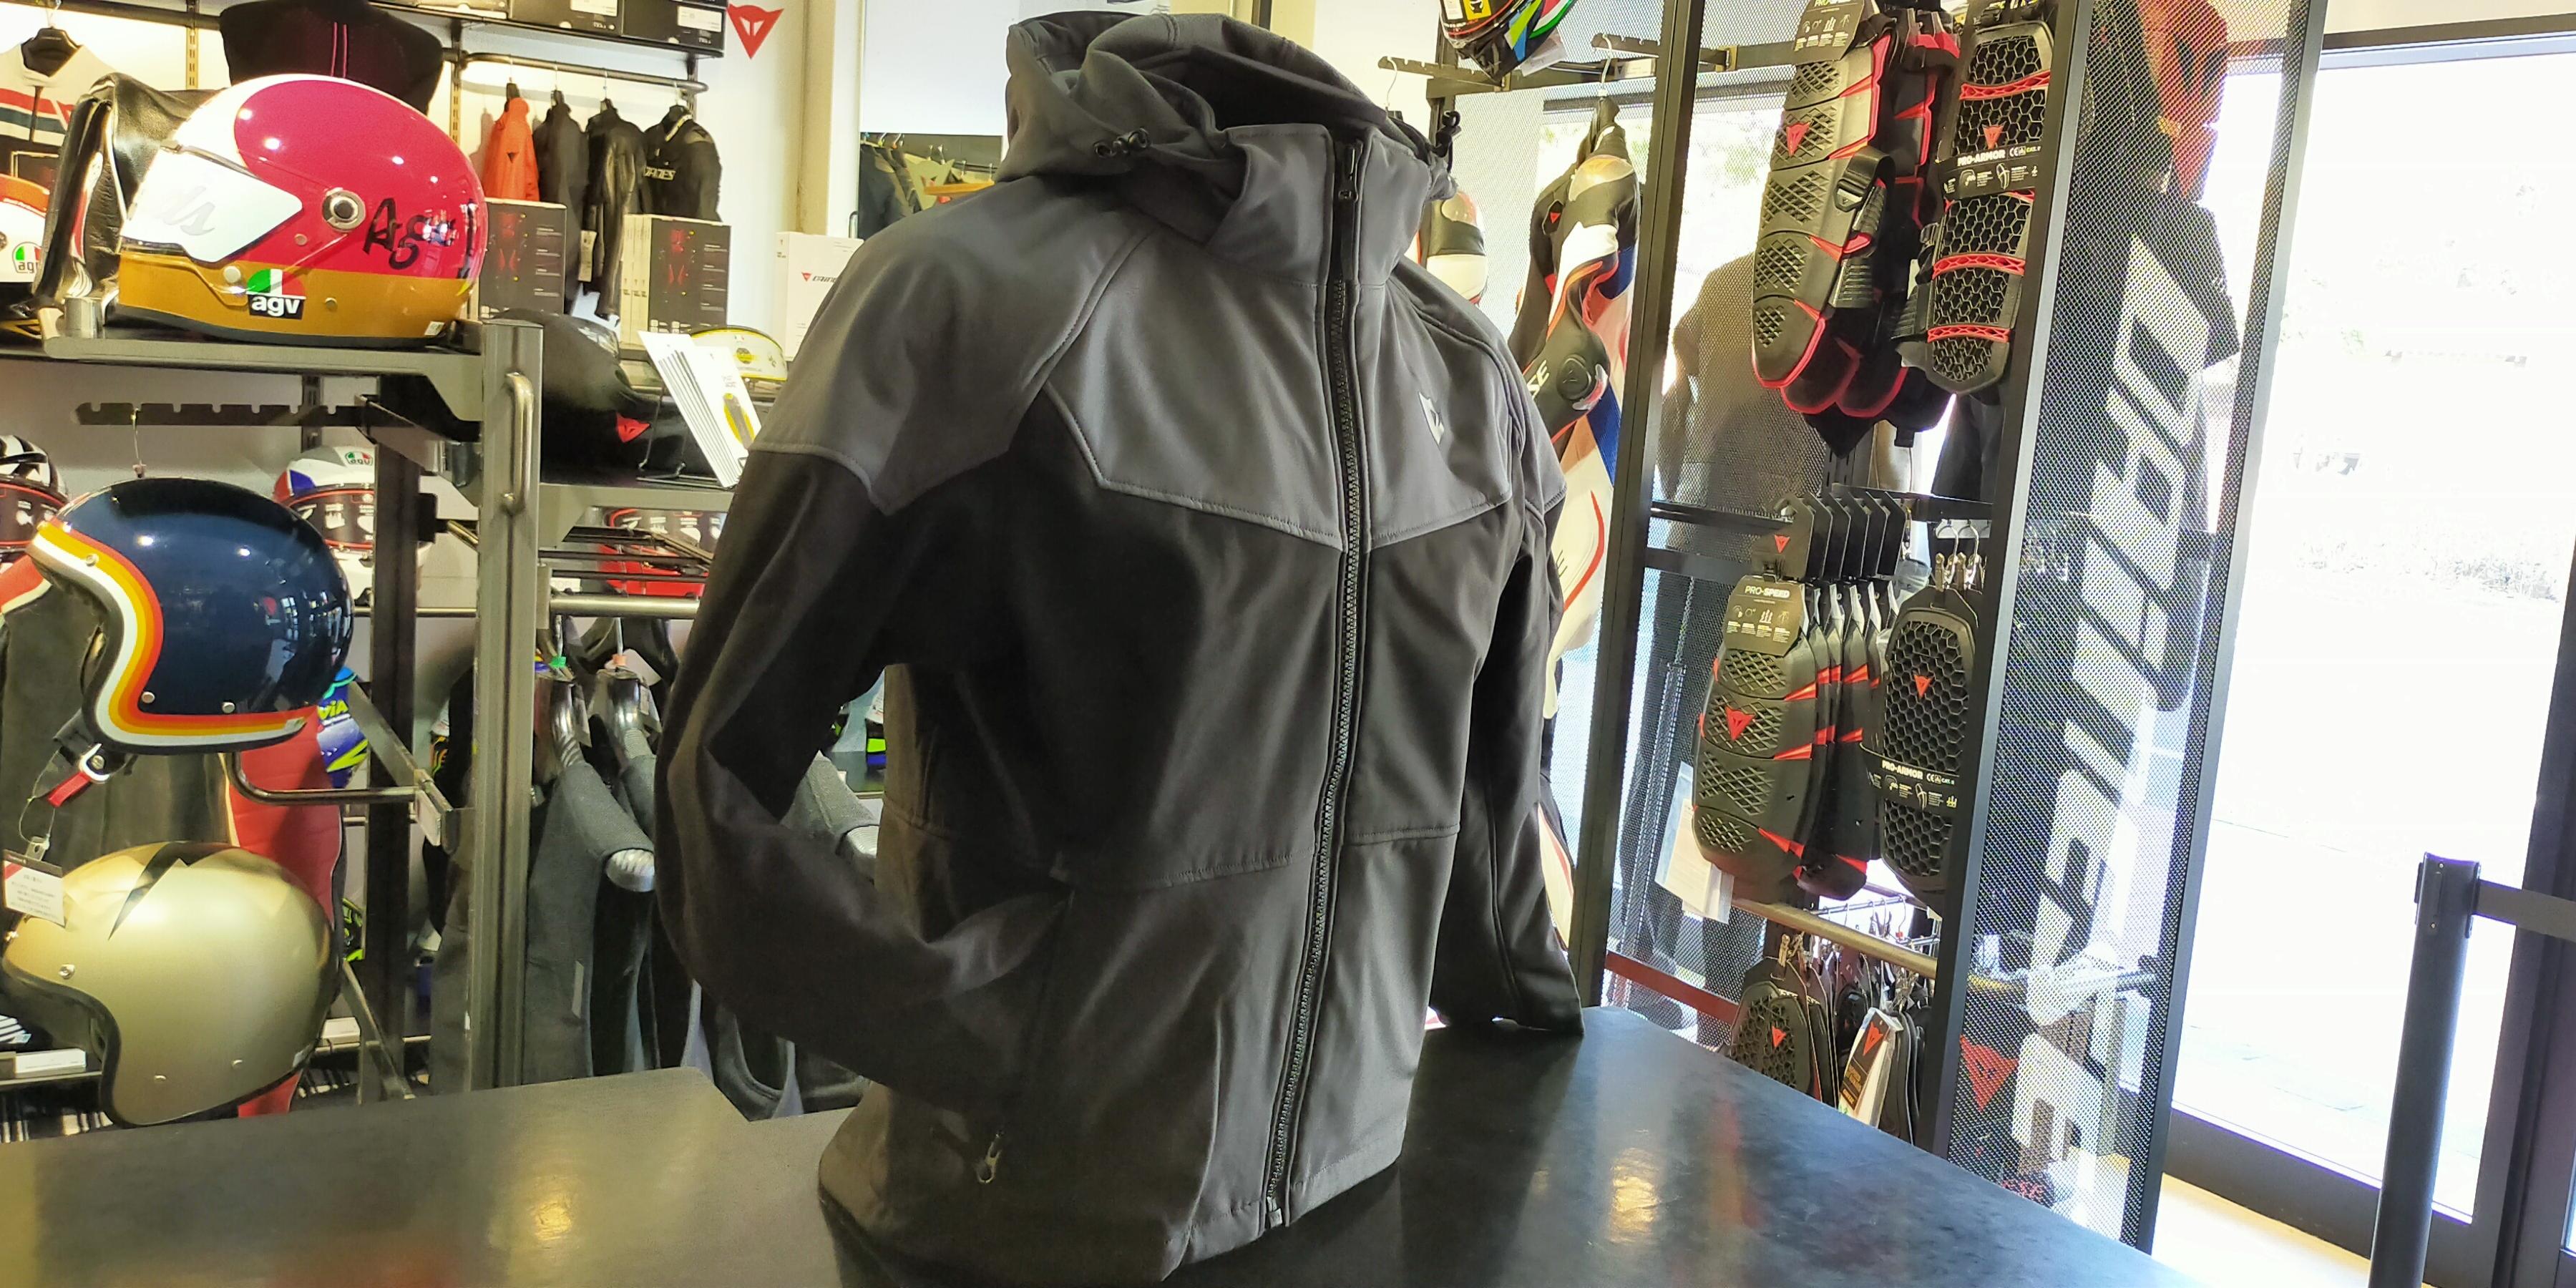 カジュアルで毎日着れるジャケット[IGNITE TEX JACKET]